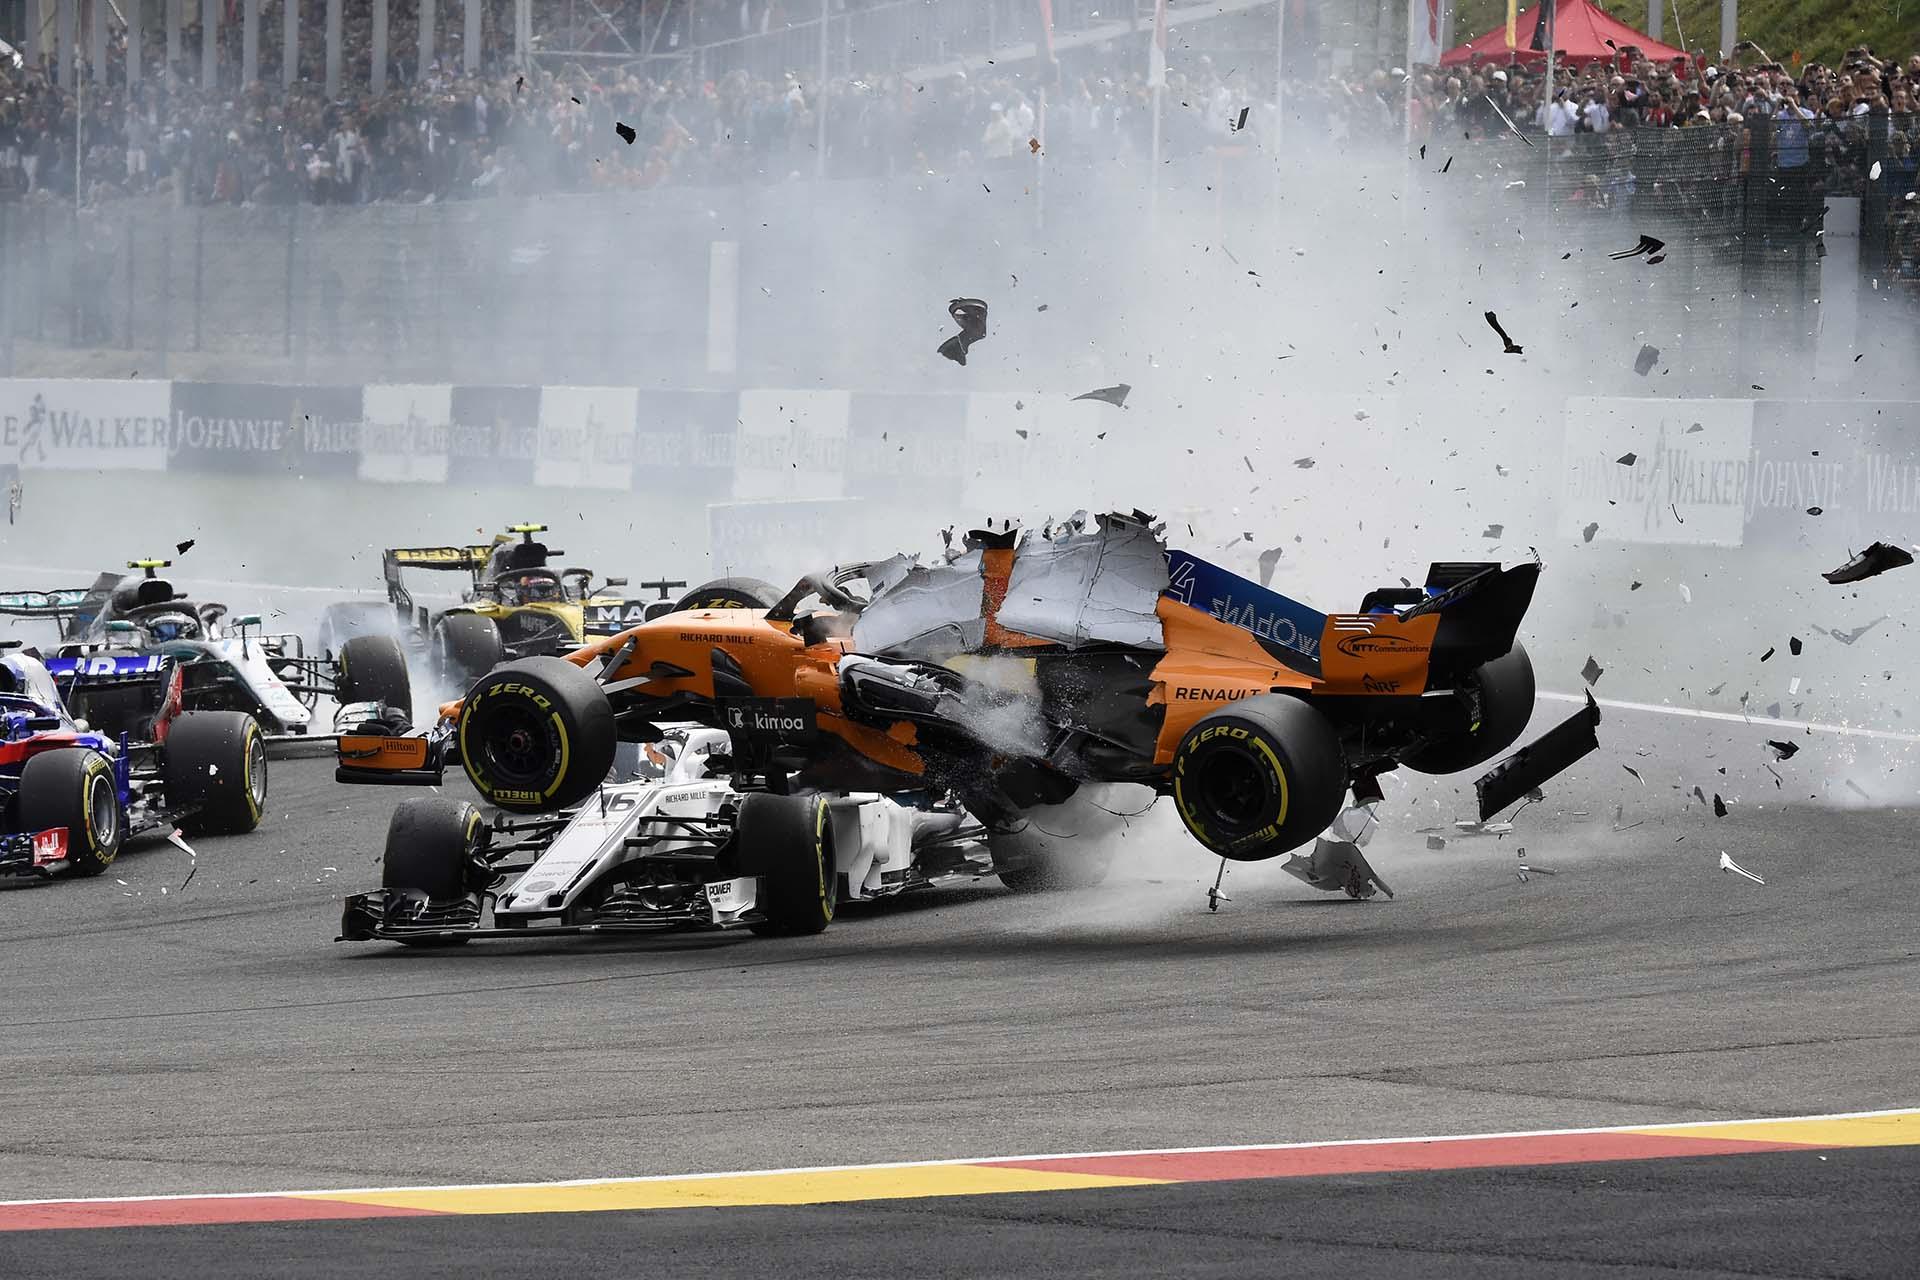 Fernando Alonso, el piloto español de McLaren, se estrella durante el Gran Premio de Fórmula Uno de Bélgica en el circuito de Spa-Francorchamps el 26 de agosto